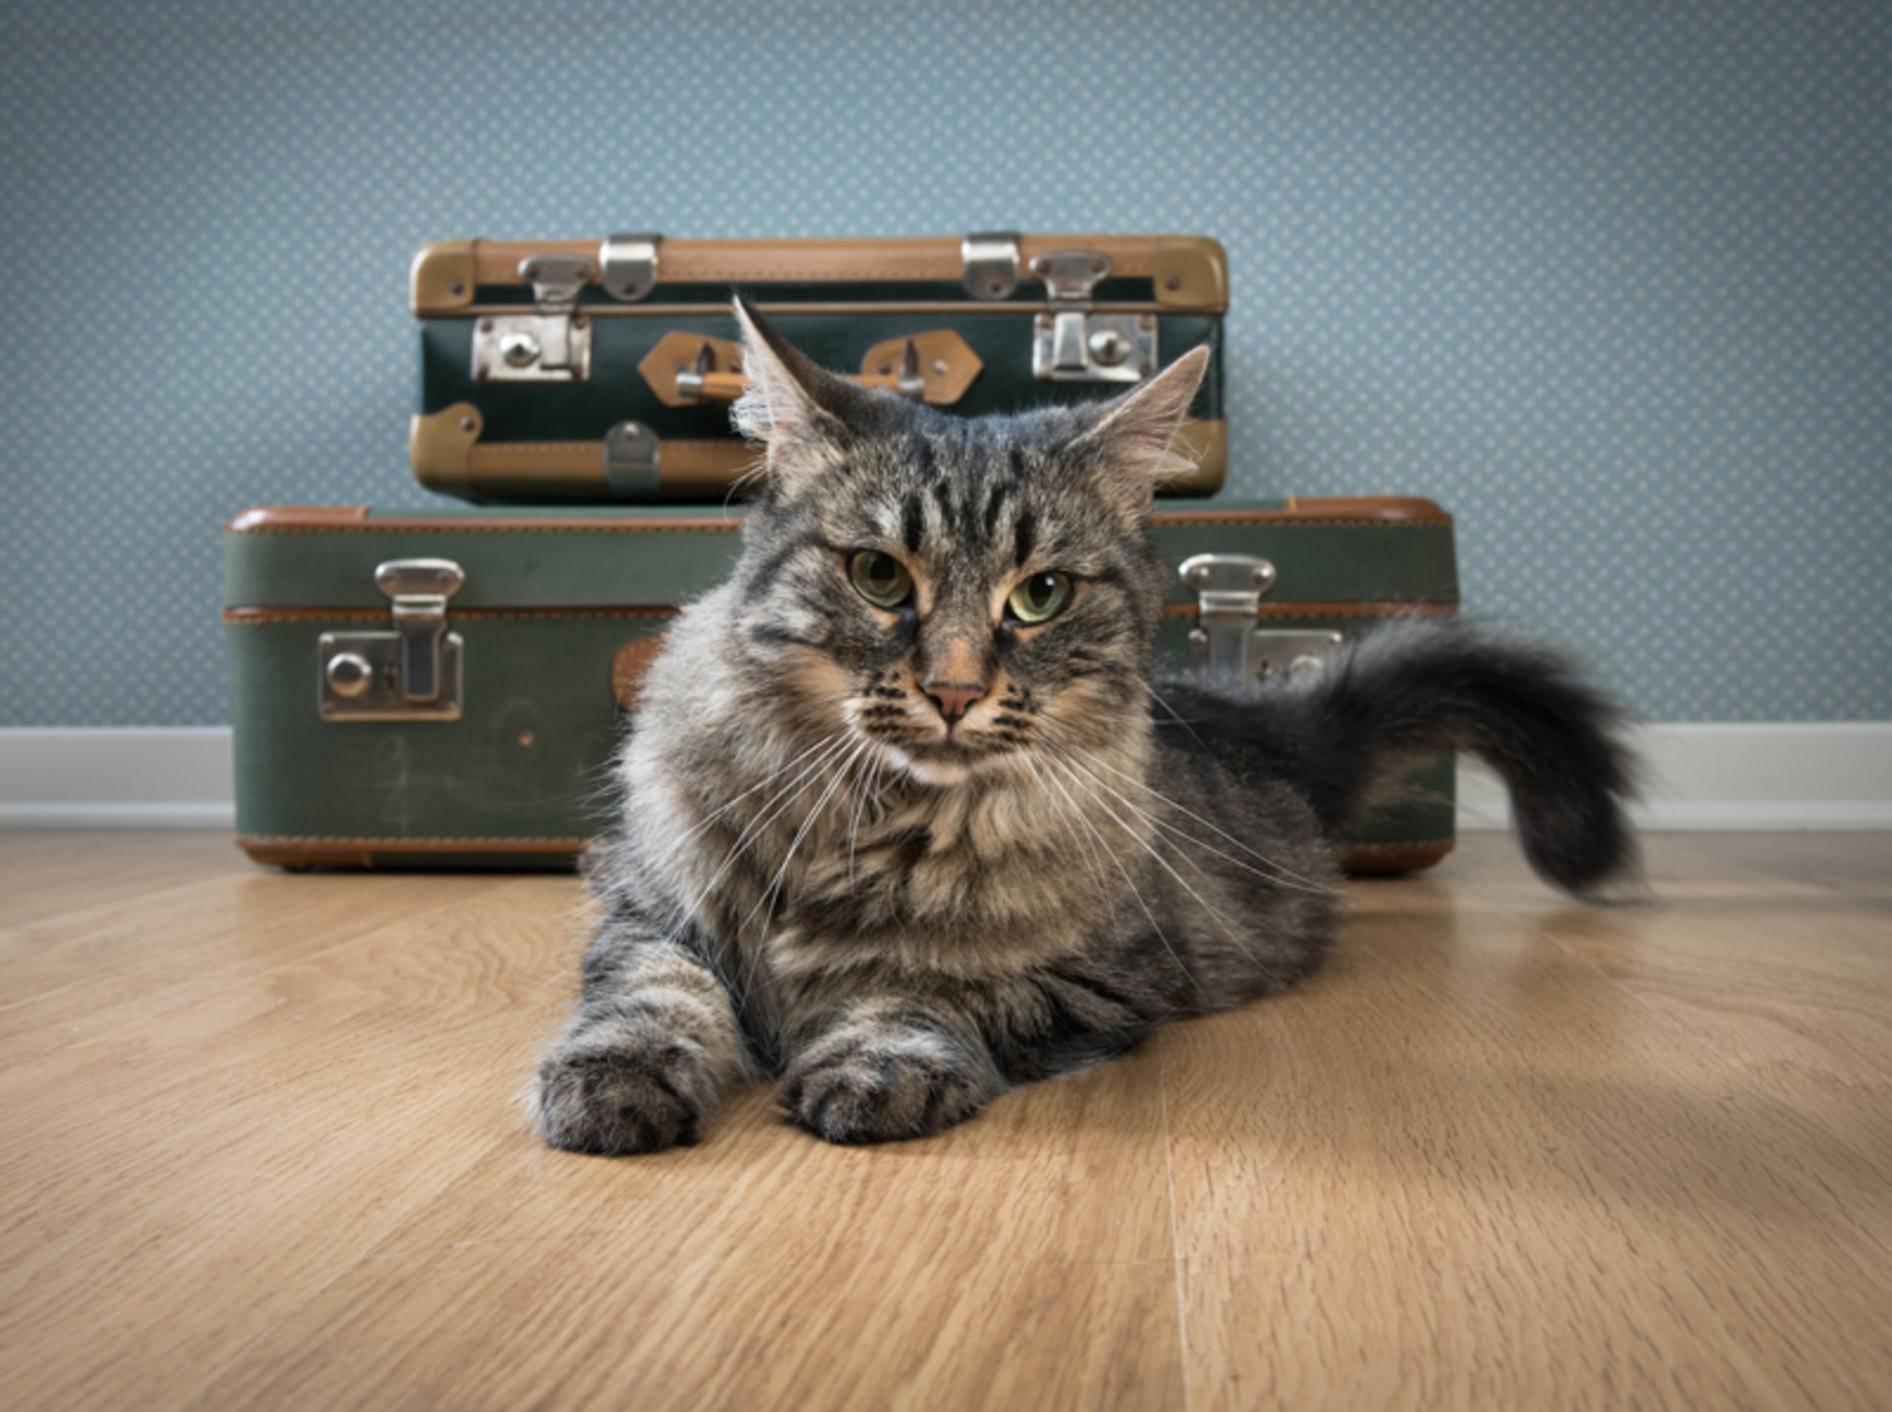 Die Koffer sind gepackt: Soll die Katze mit in den Urlaub? – Bild: Shutterstock / Stock Asso